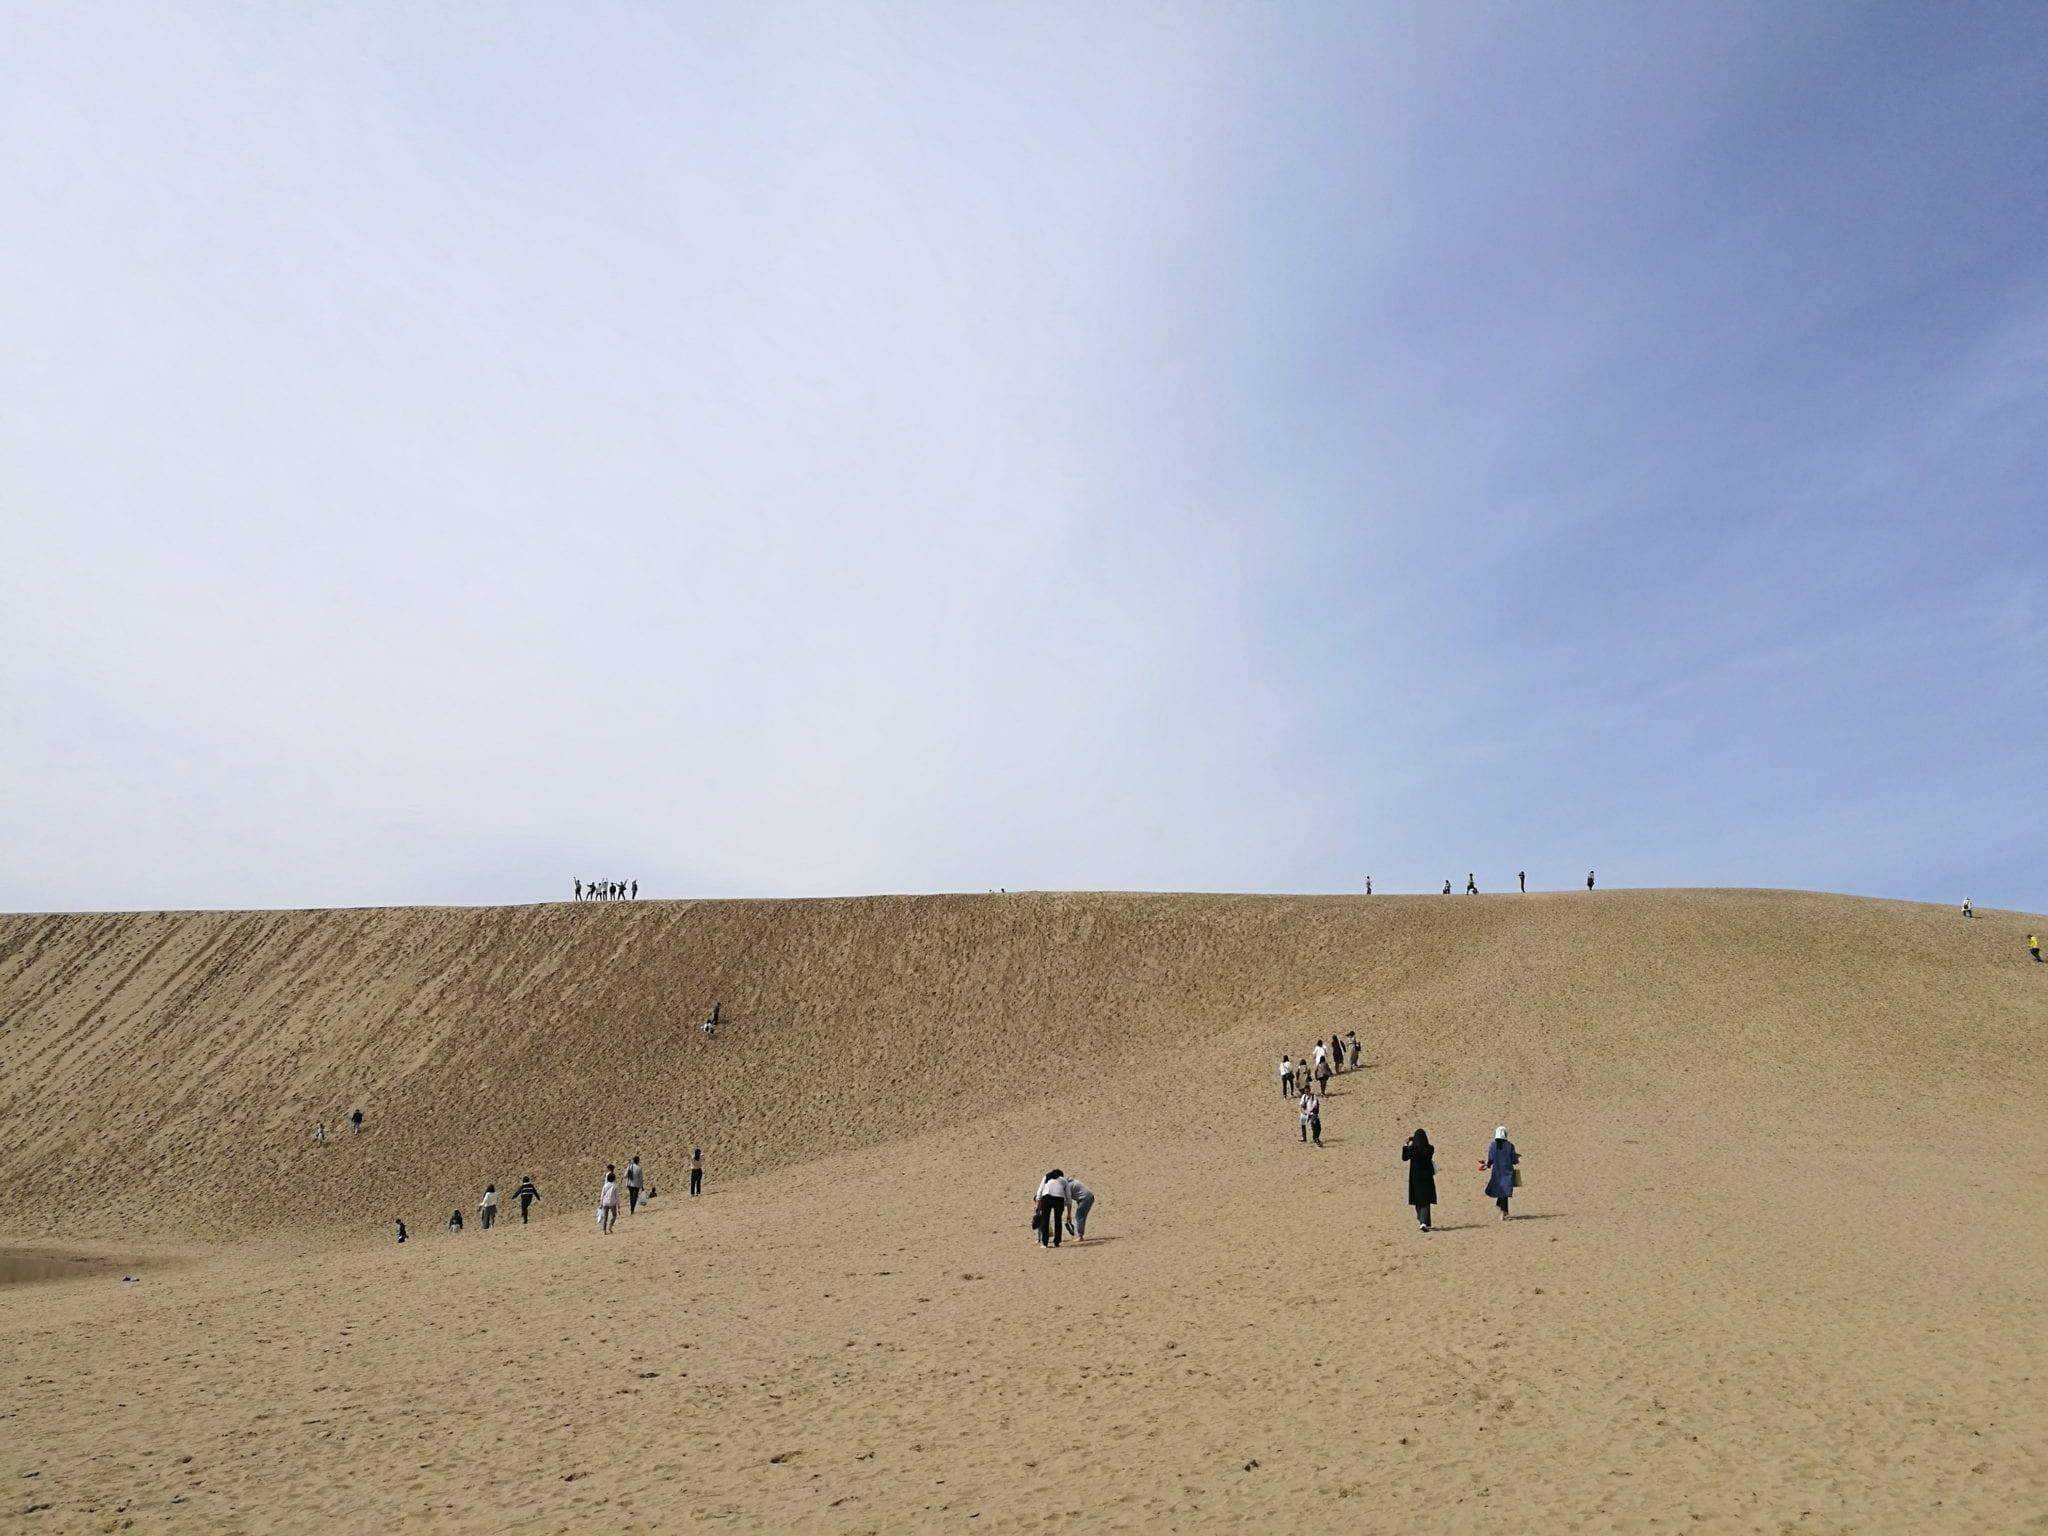 ไปเที่ยวญี่ปุ่น, คิโนซากิ ออนเซ็น, เที่ยวทตโตริ, ทะเลทรายญี่ปุ่น